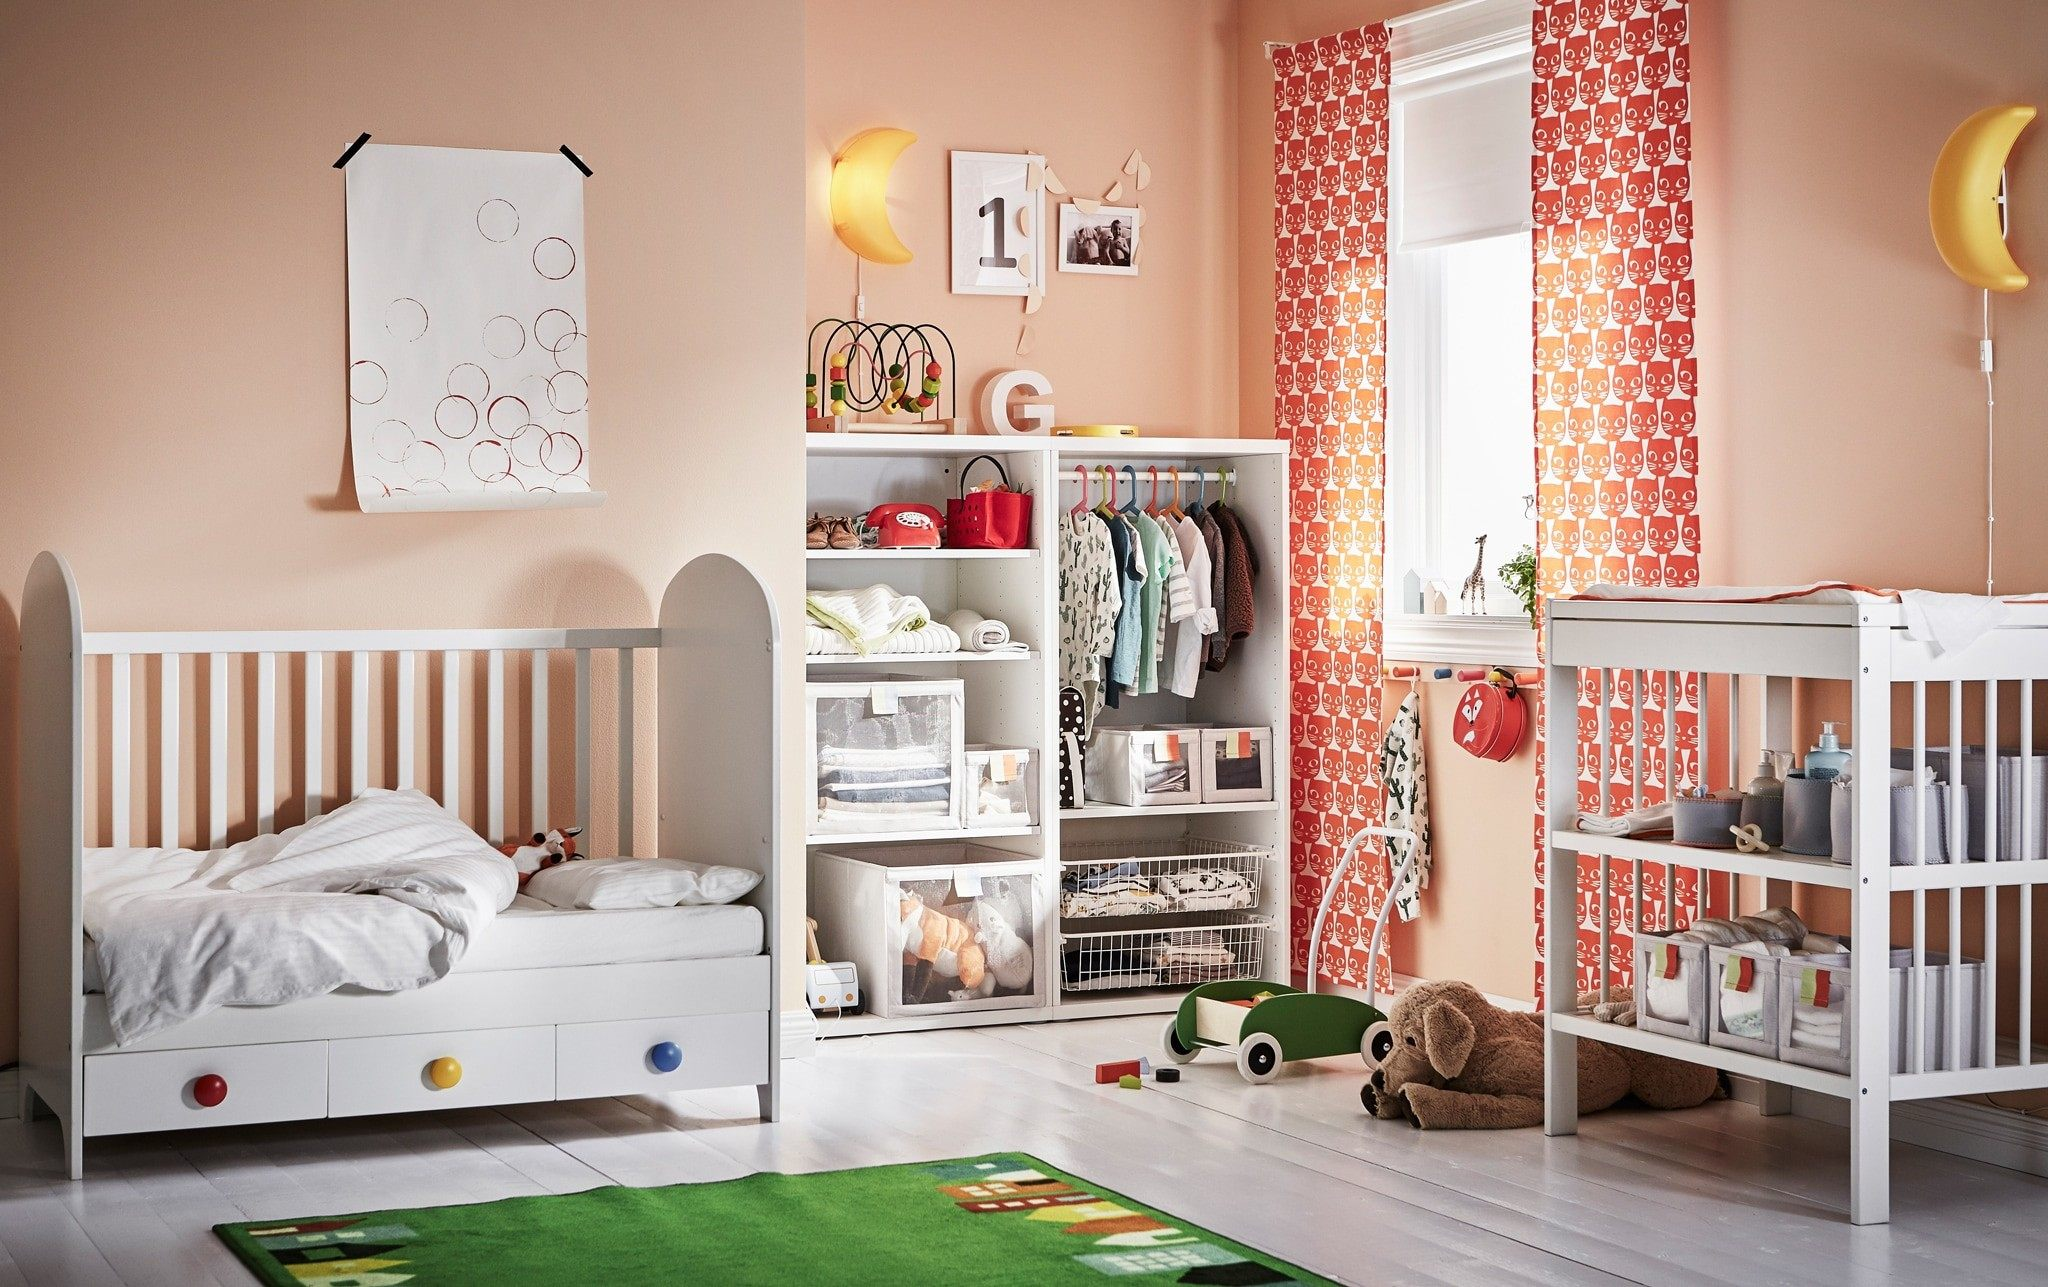 Lit Au sol Pour Bébé Douce Lit Bébé Design Matelas Pour Bébé Conception Impressionnante Parc B